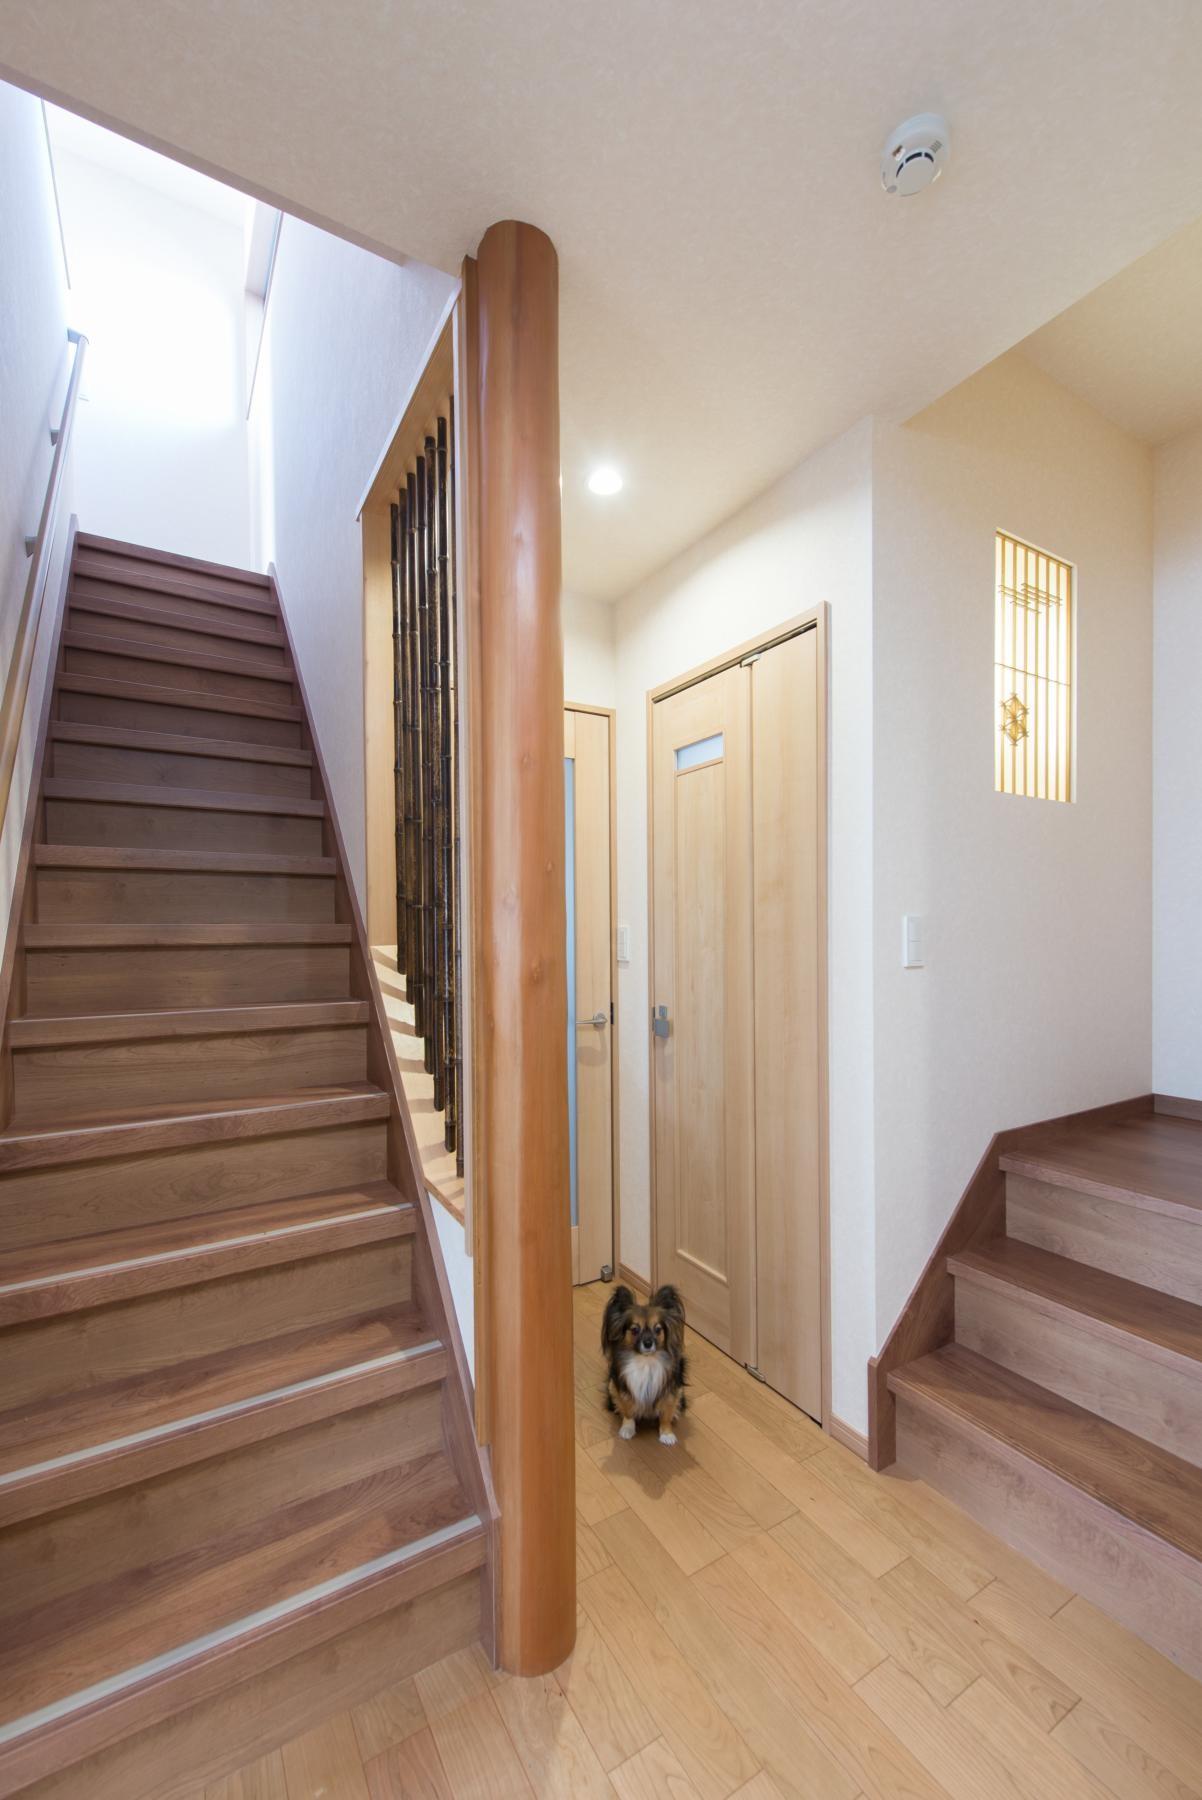 その他事例:階段(落ち着いた和モダンに二世帯が心地よく暮らす、戸建て全面改装)